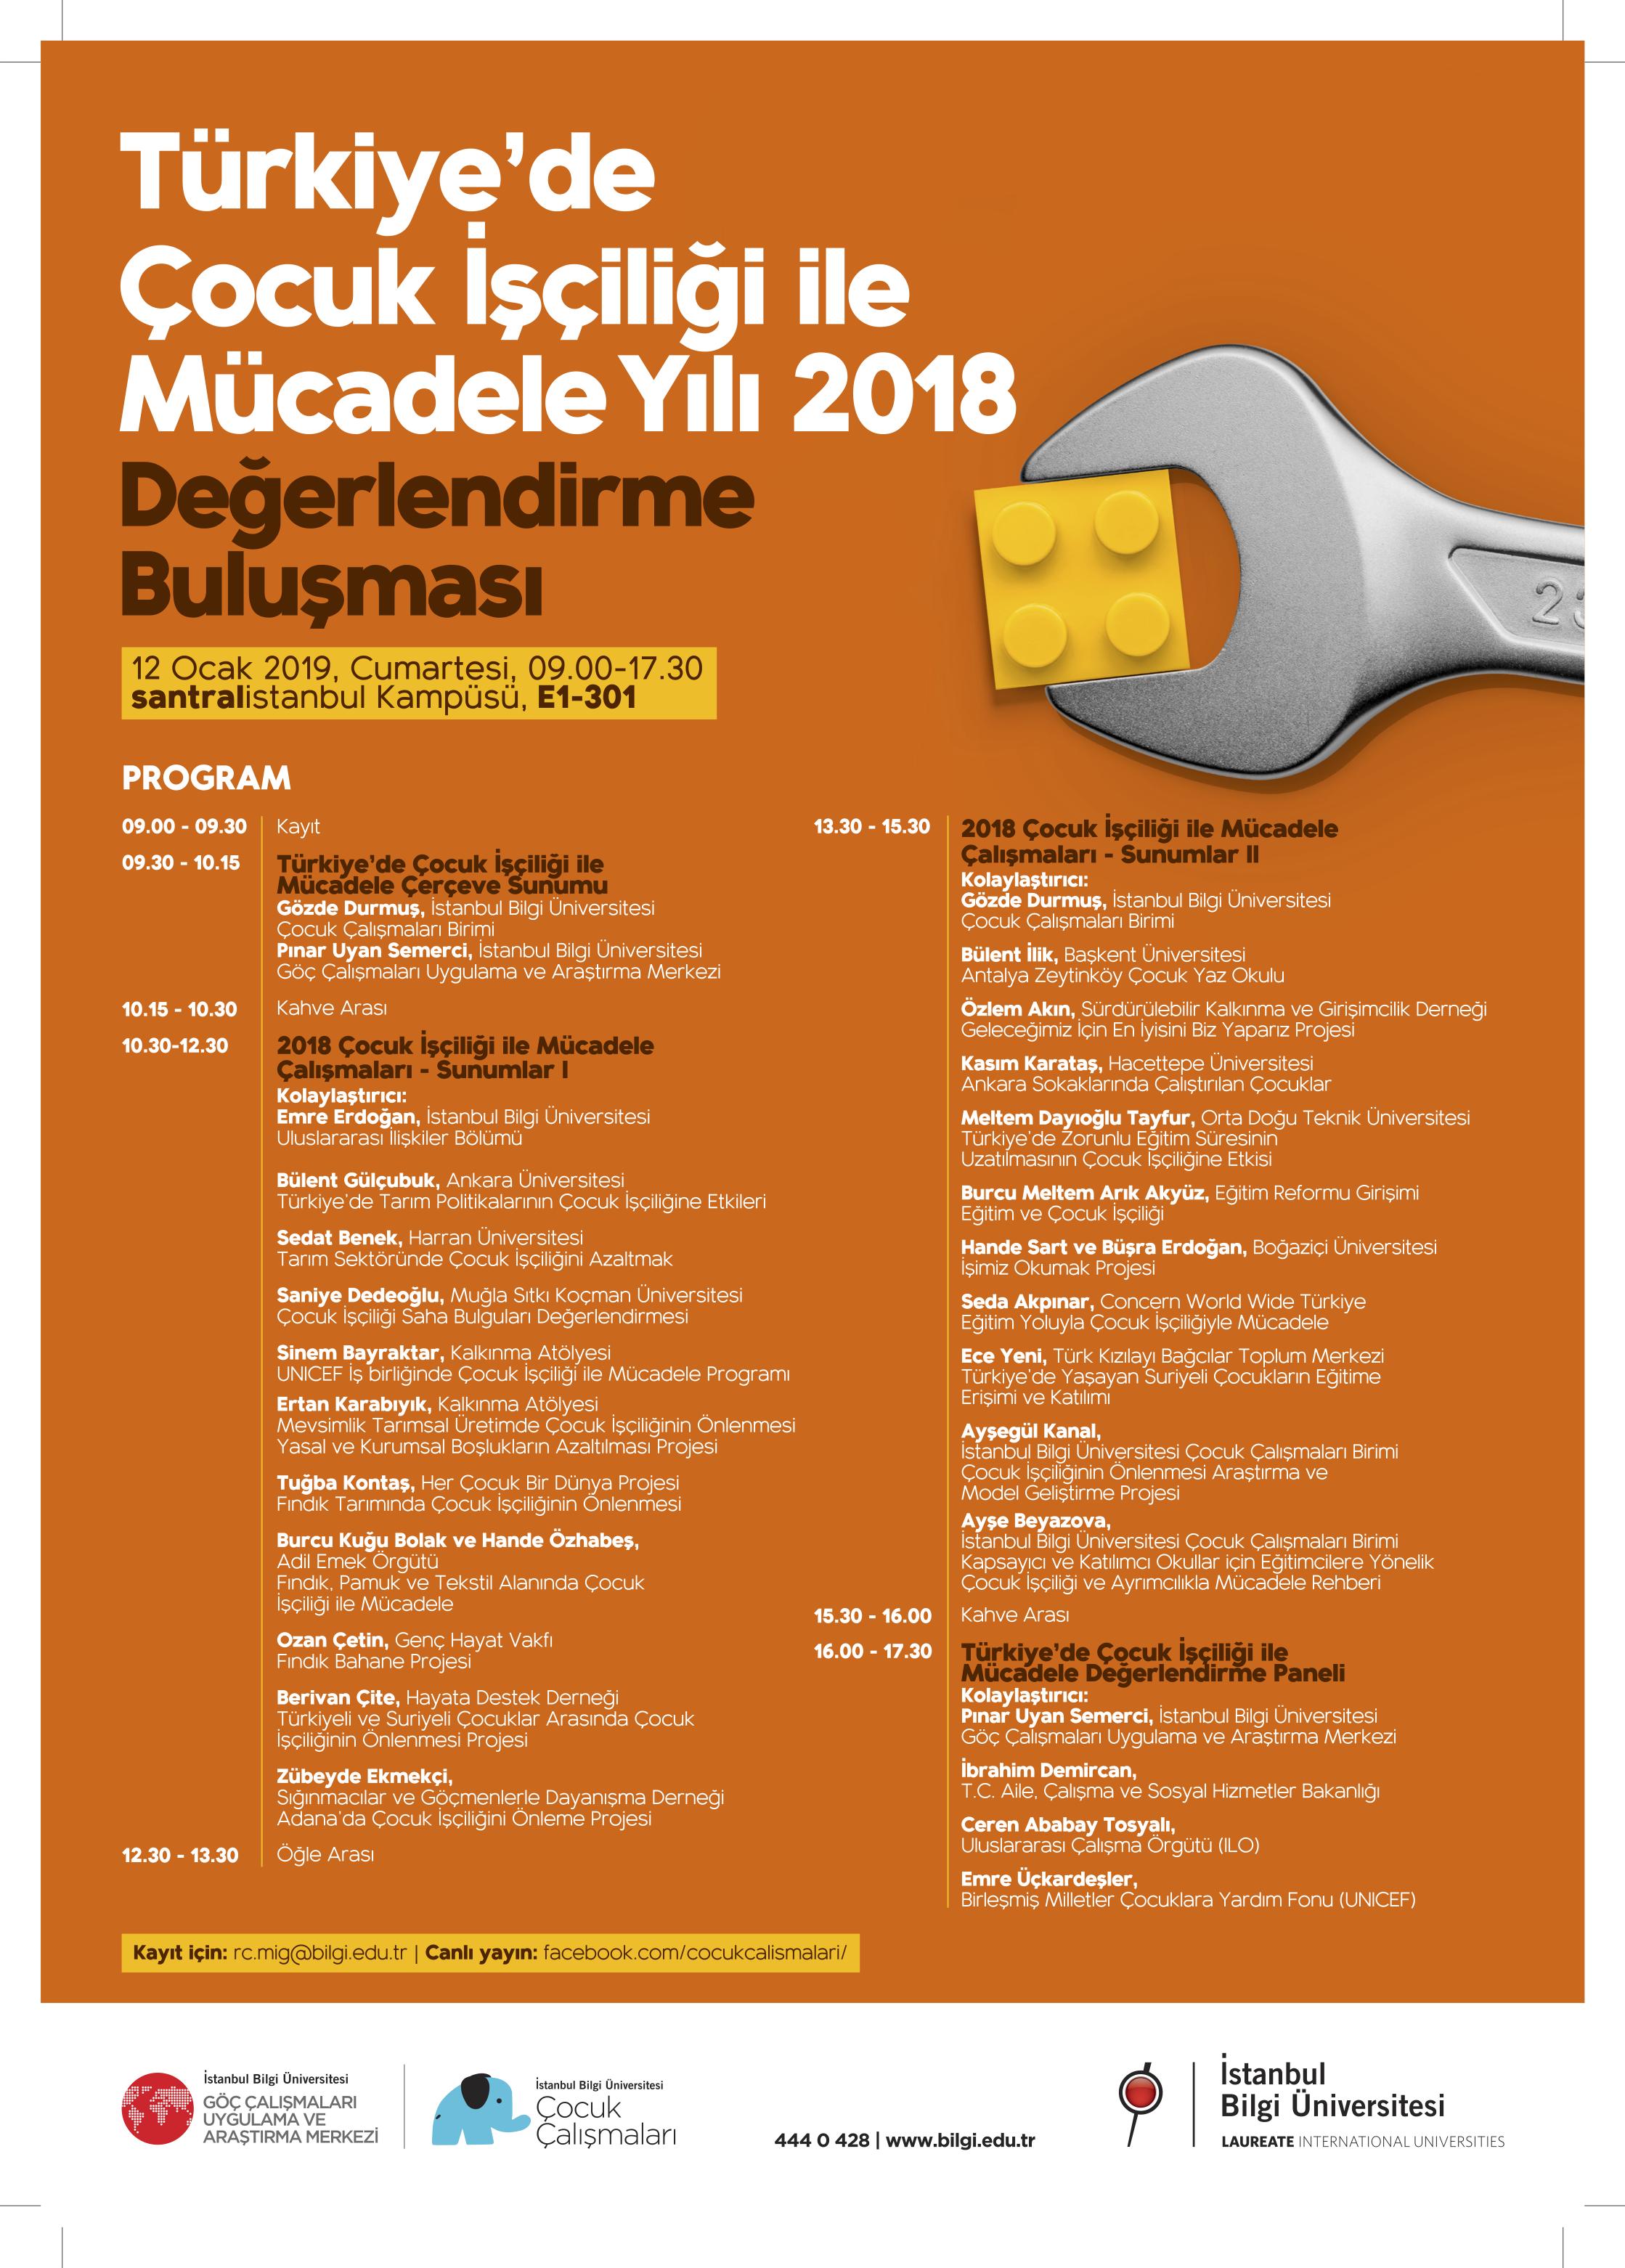 Türkiye'de Çocuk İşçiliği İle Mücadele Yılı - 2018 Değerlendirme